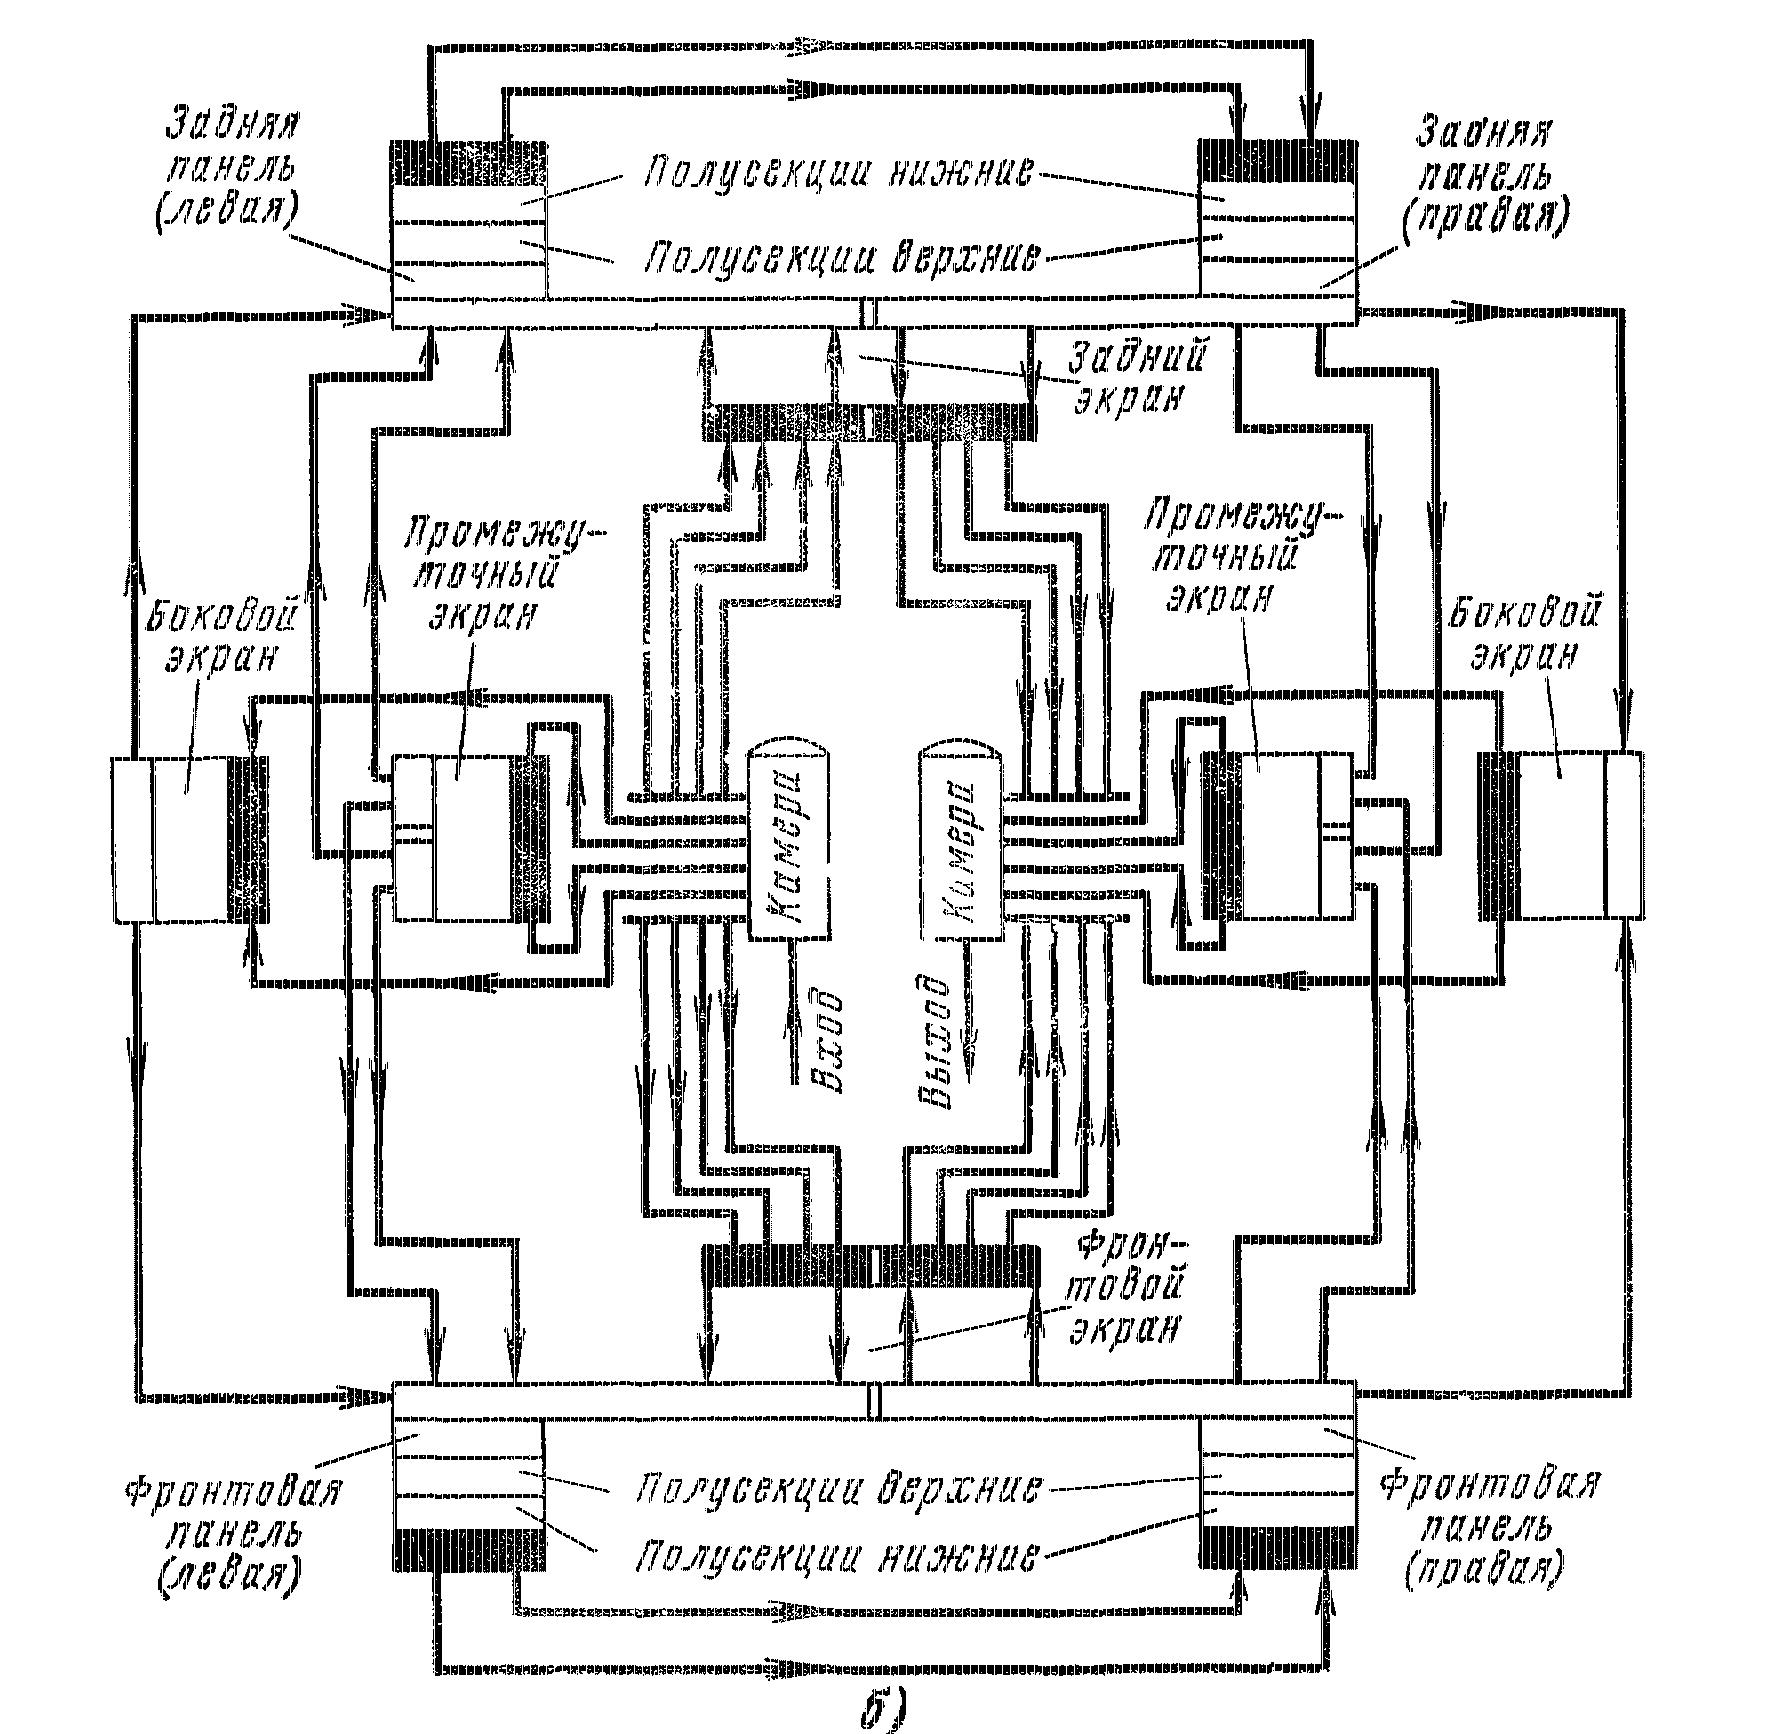 Схема циркуляции квгм